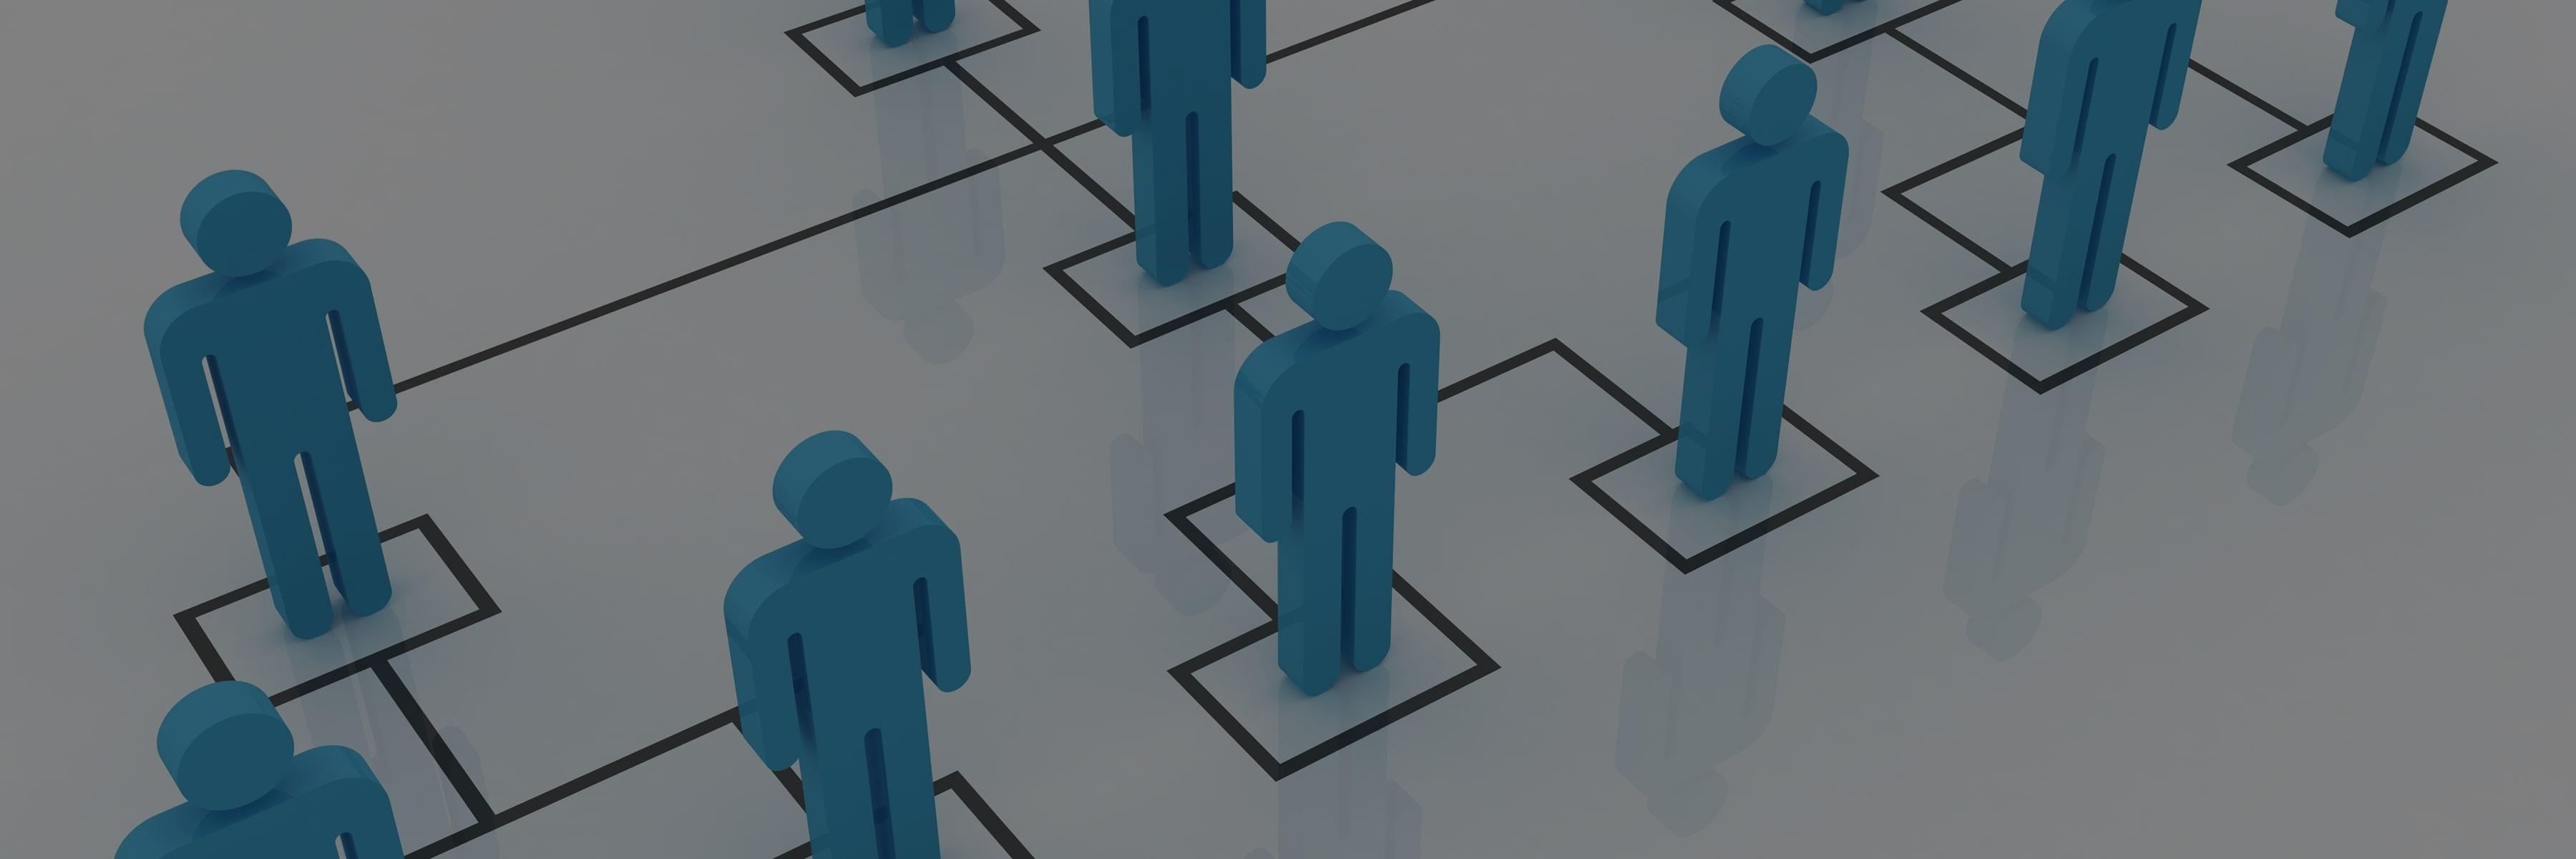 naem-webinar-2013-ehs-staffing-and-structure-webinar-1800x600-min